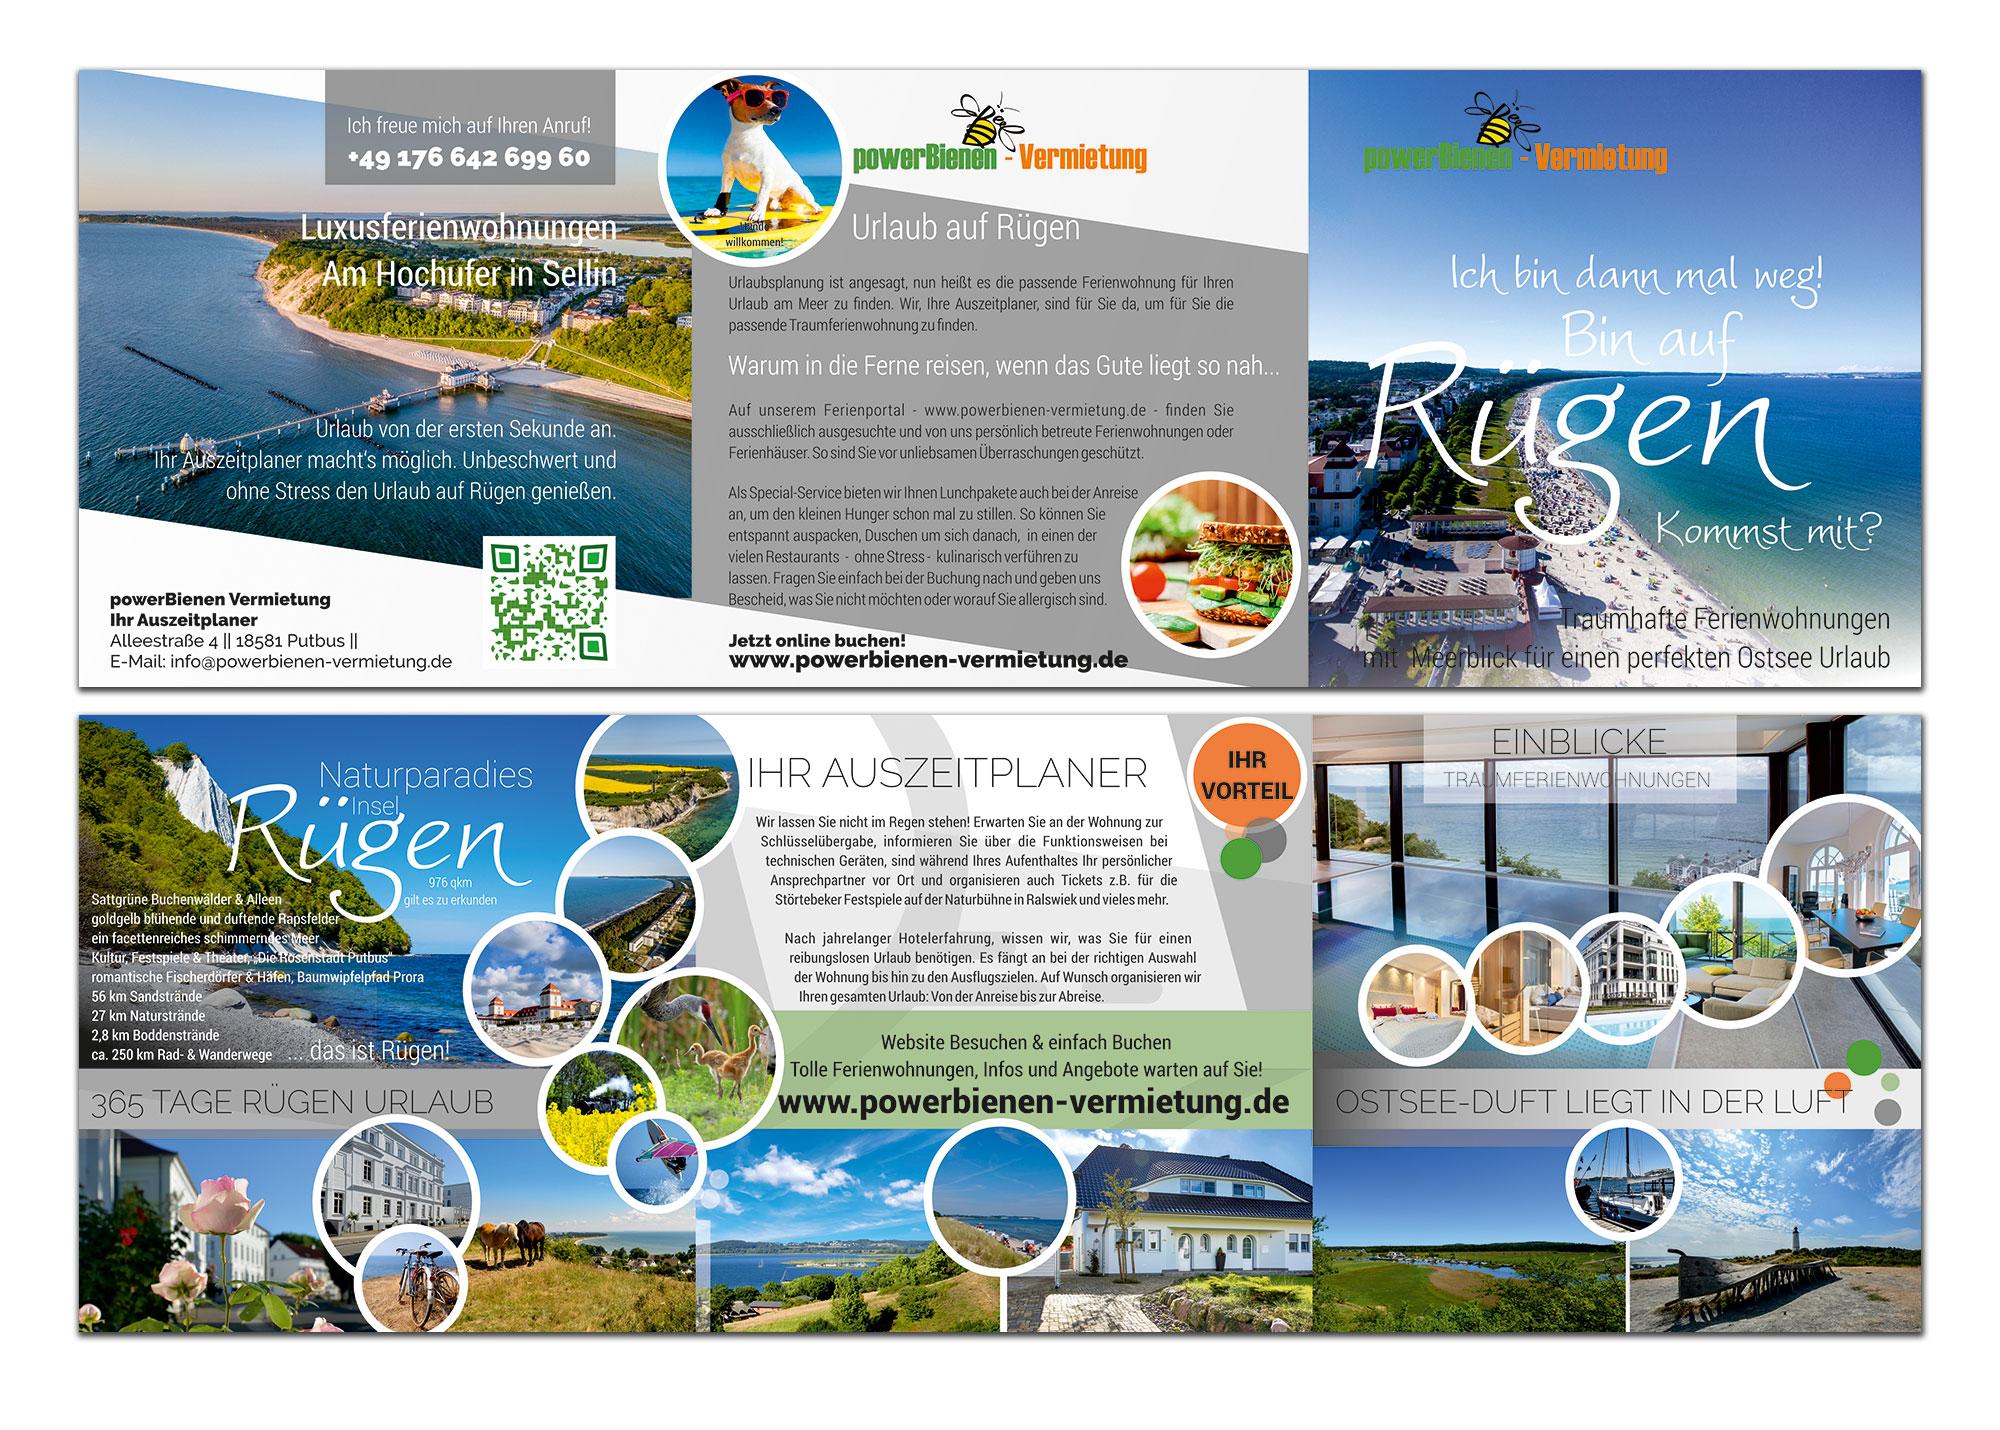 Grafik Design Referernz: Flyer powerBieren Vermietung - Putbus Vermietung von Ferienwohnungen